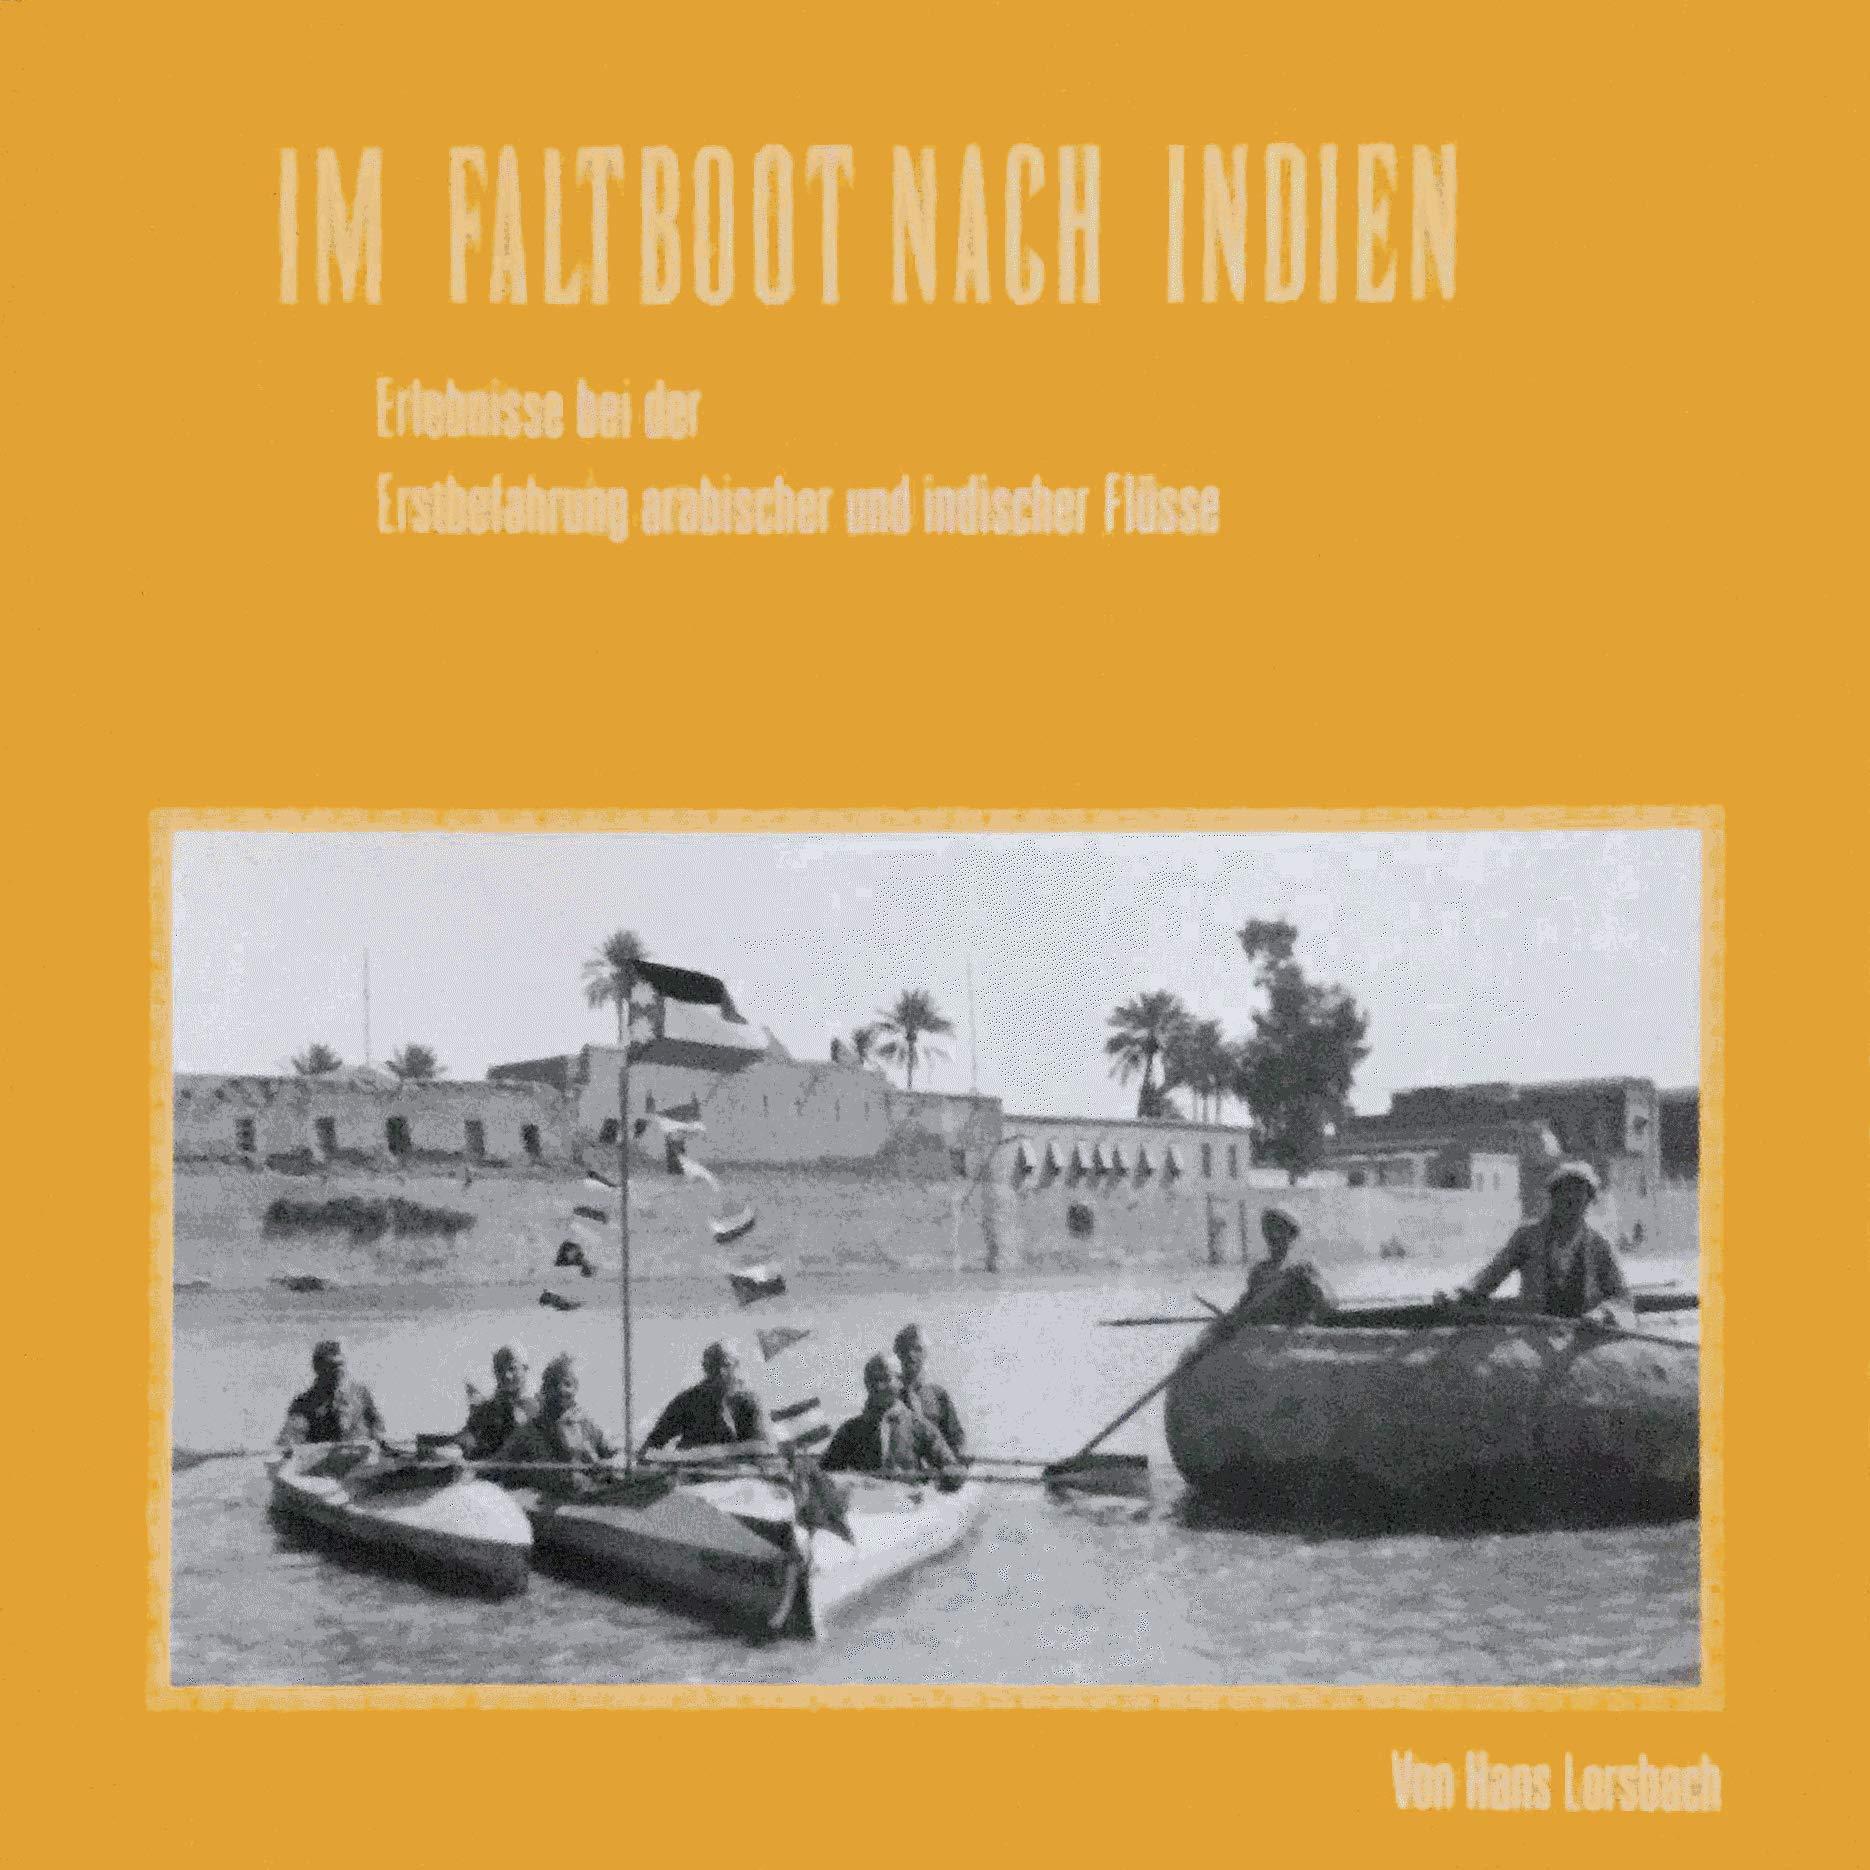 Im Faltboot nach Indien: Erlebnisse bei der Erstbefahrung arabischer und indischer Flüsse 1931-1933